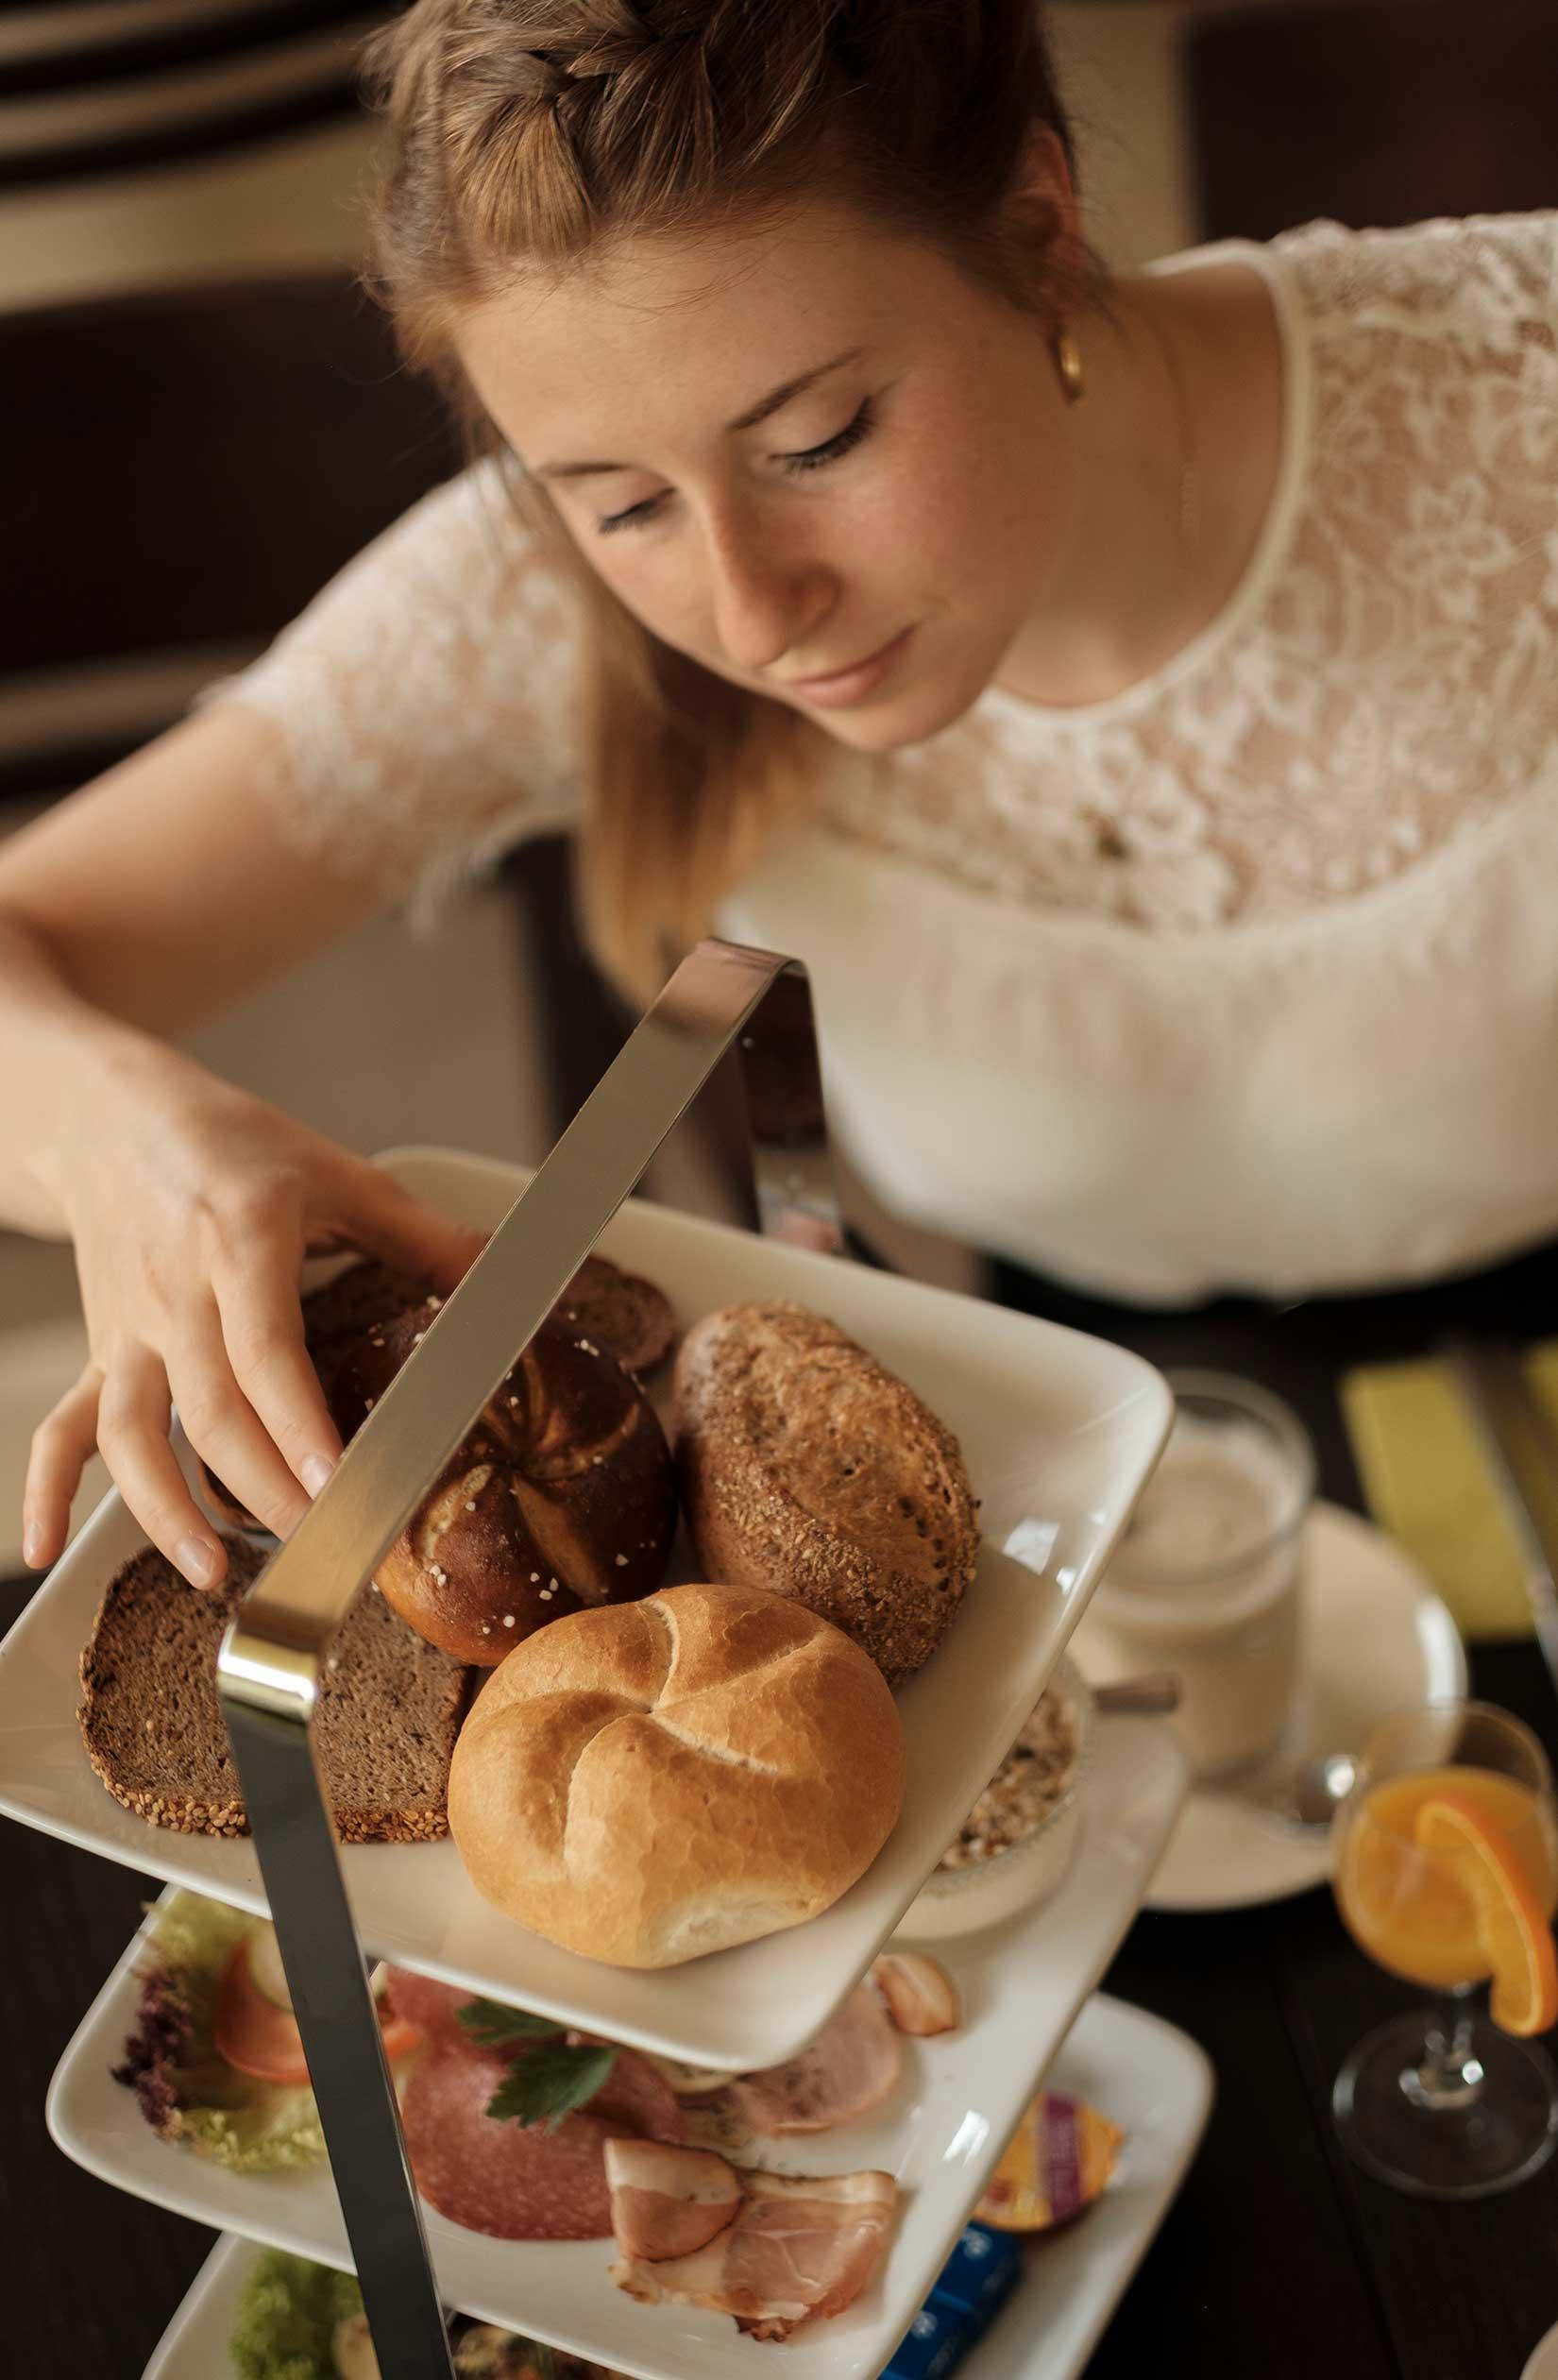 Frühstück mit frischem Gebäck wie Semmeln und Holzofenbrot, Cappuccino, Orangensaft, Salami, Schinken